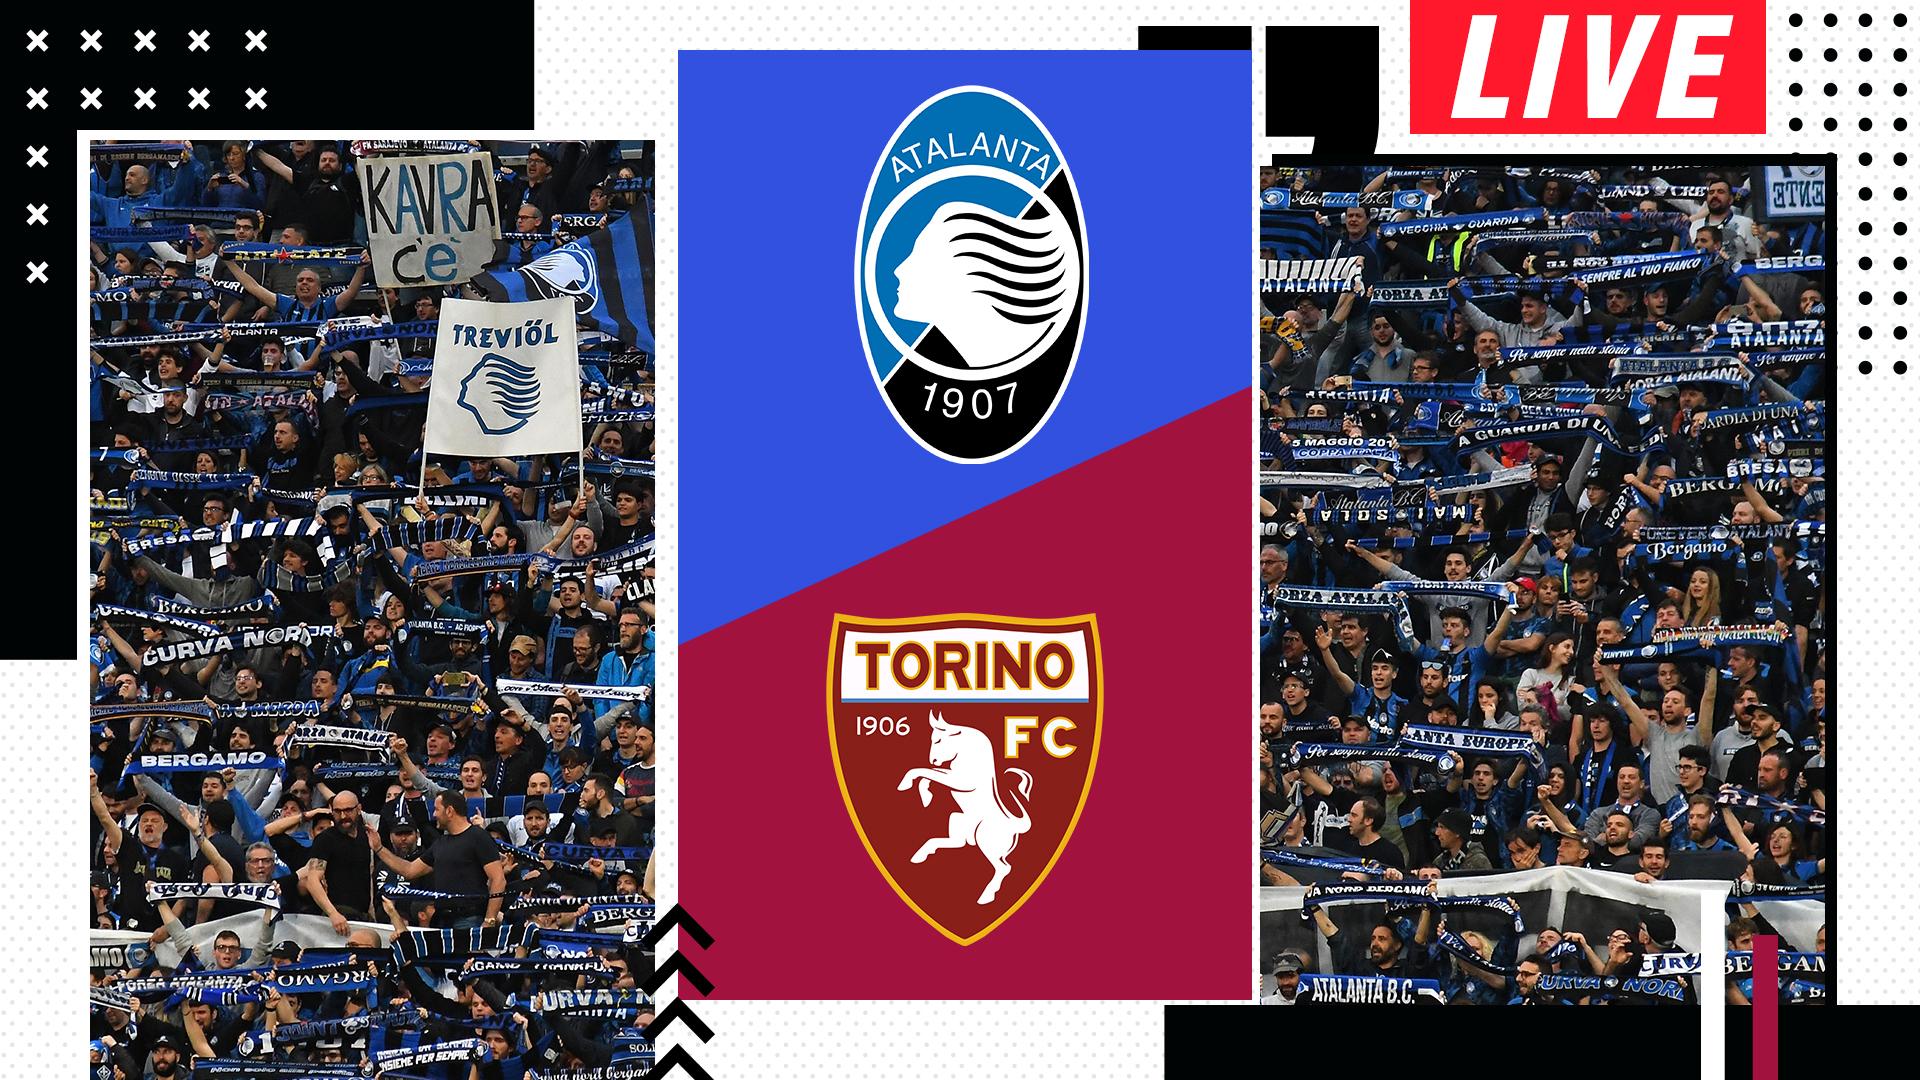 Primavera, l'Atalanta è la prima finalista: Torino sconfitto 4-3 ai supplementari